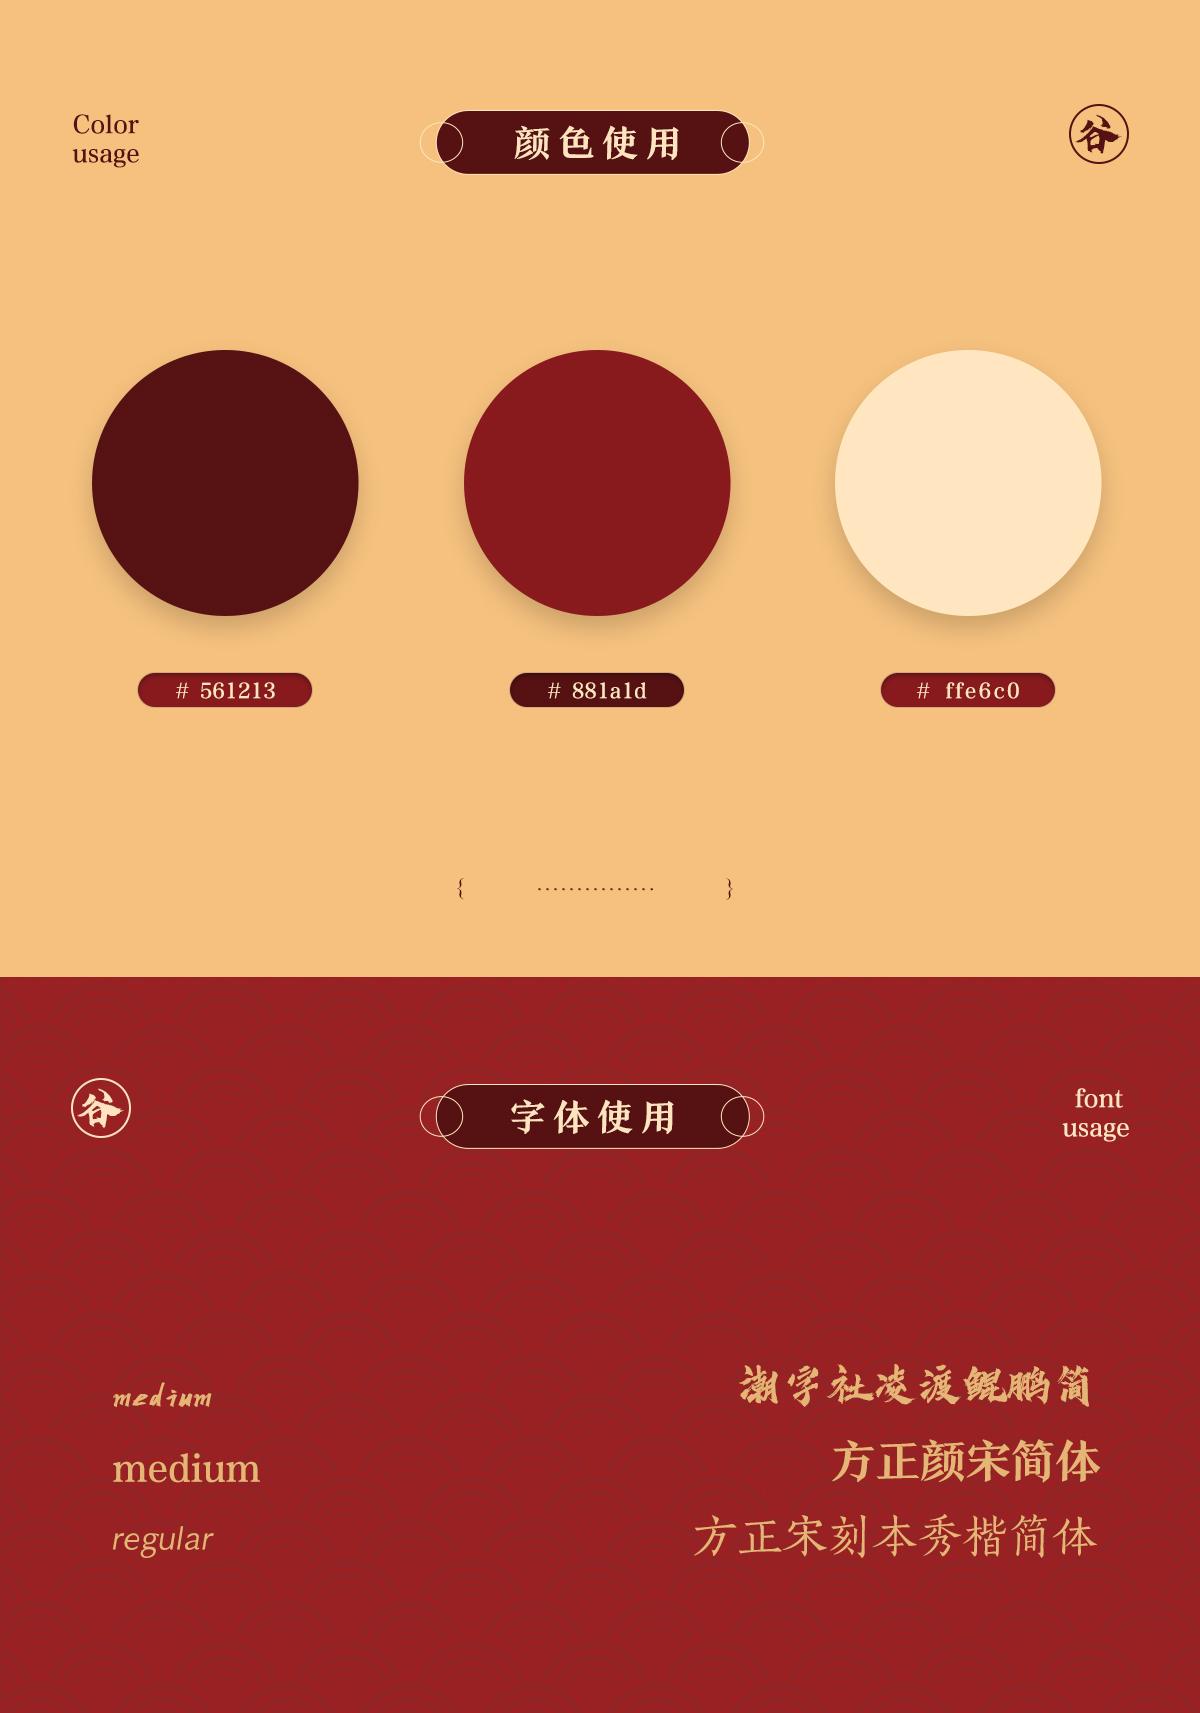 武汉电商设计|五谷杂粮详情设计|视觉策划|食疗养生